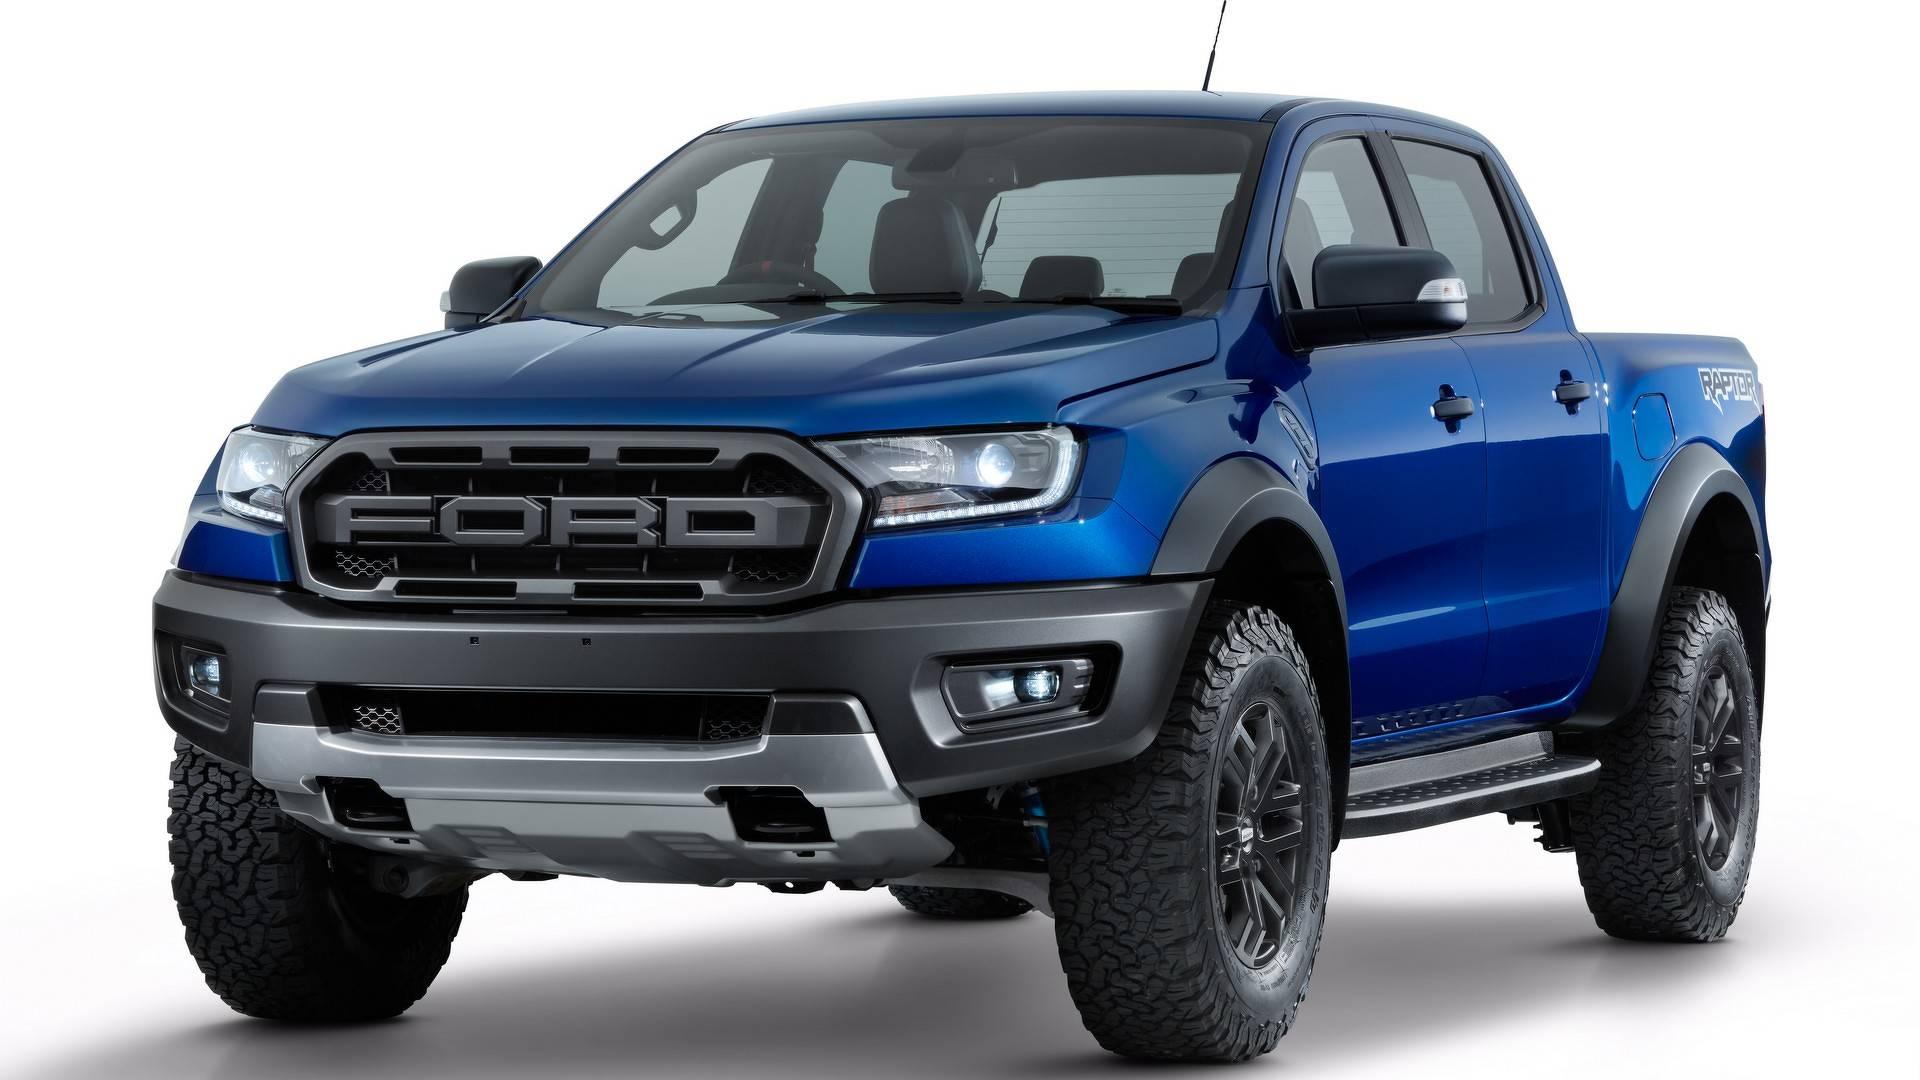 Vì sao Ford chọn động cơ 04 xy-lanh 2.0L cho Ranger Raptor 2018? - 2